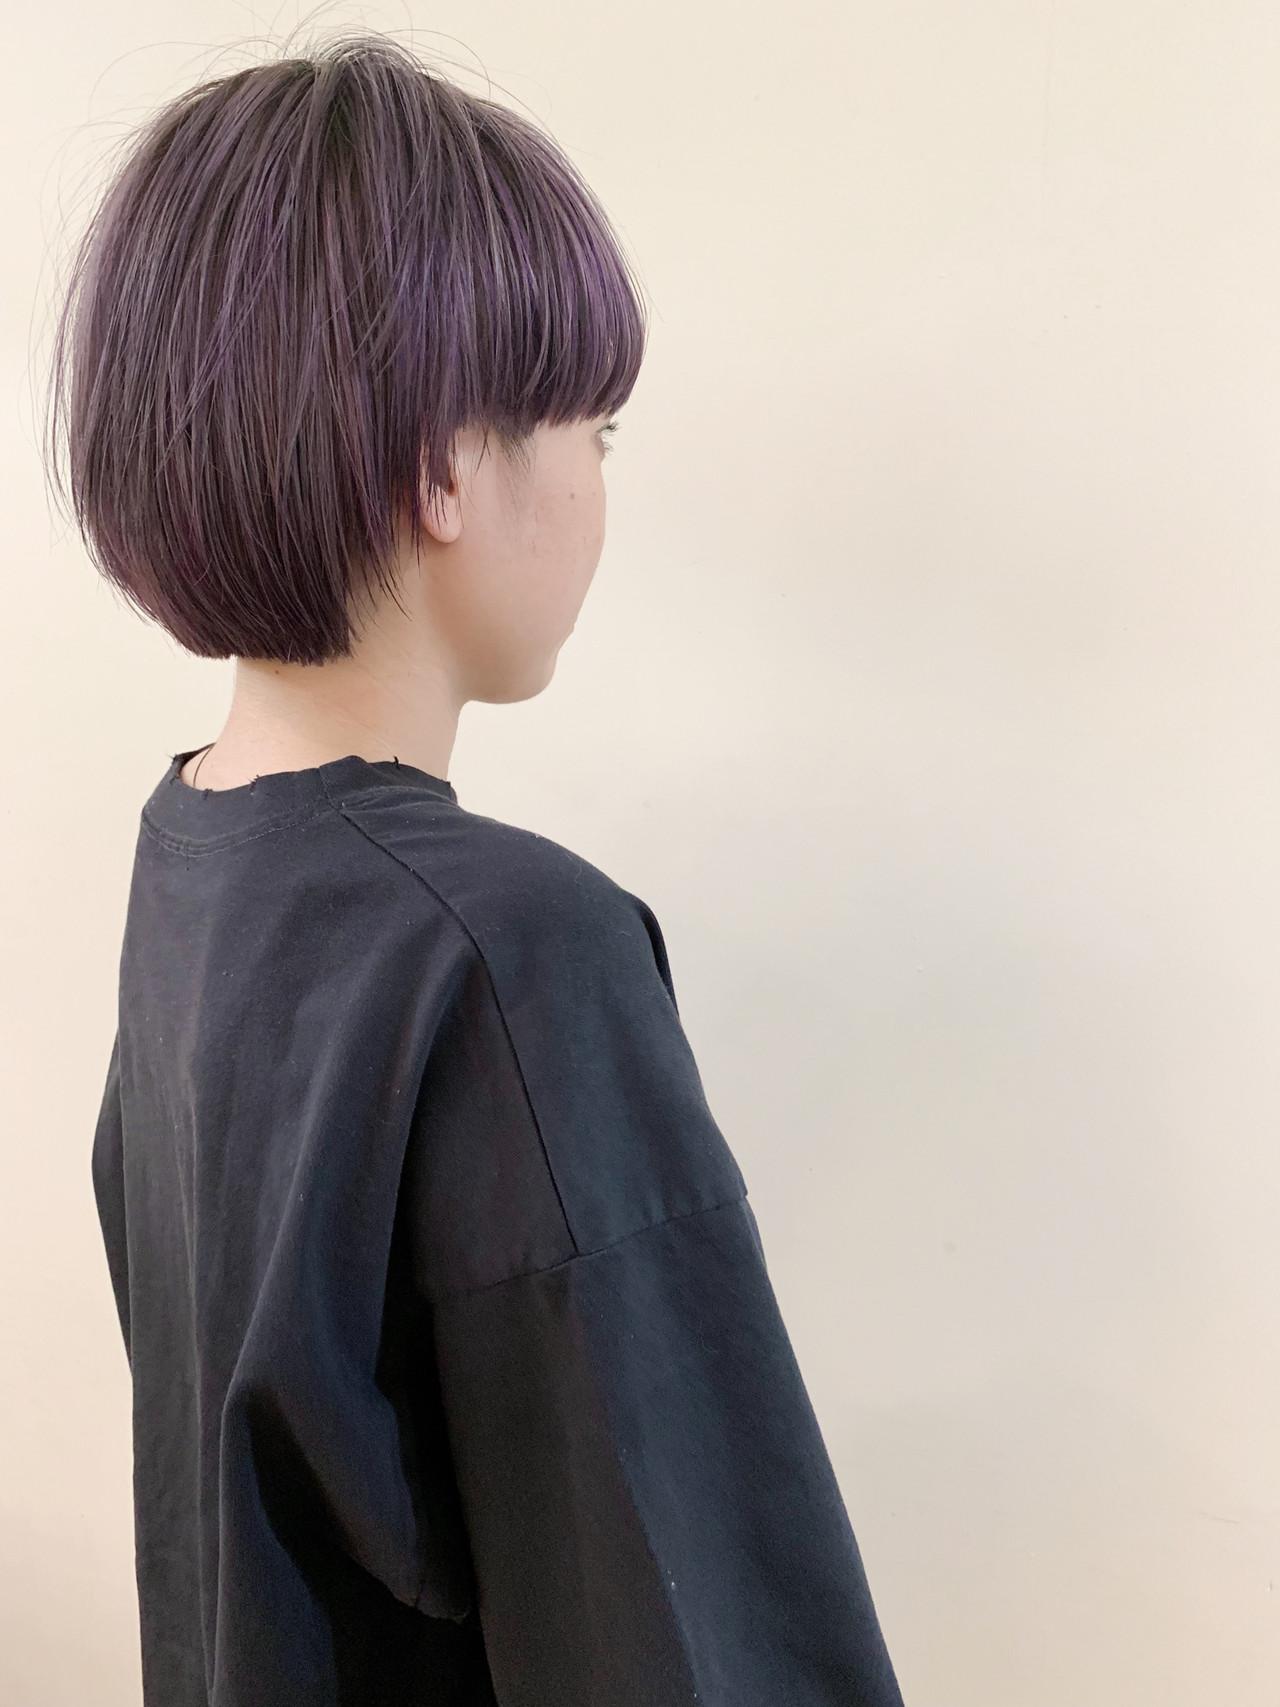 スポーツ ショート デート ナチュラル ヘアスタイルや髪型の写真・画像 | yumiko/sapporoSKNOW / SKNOW